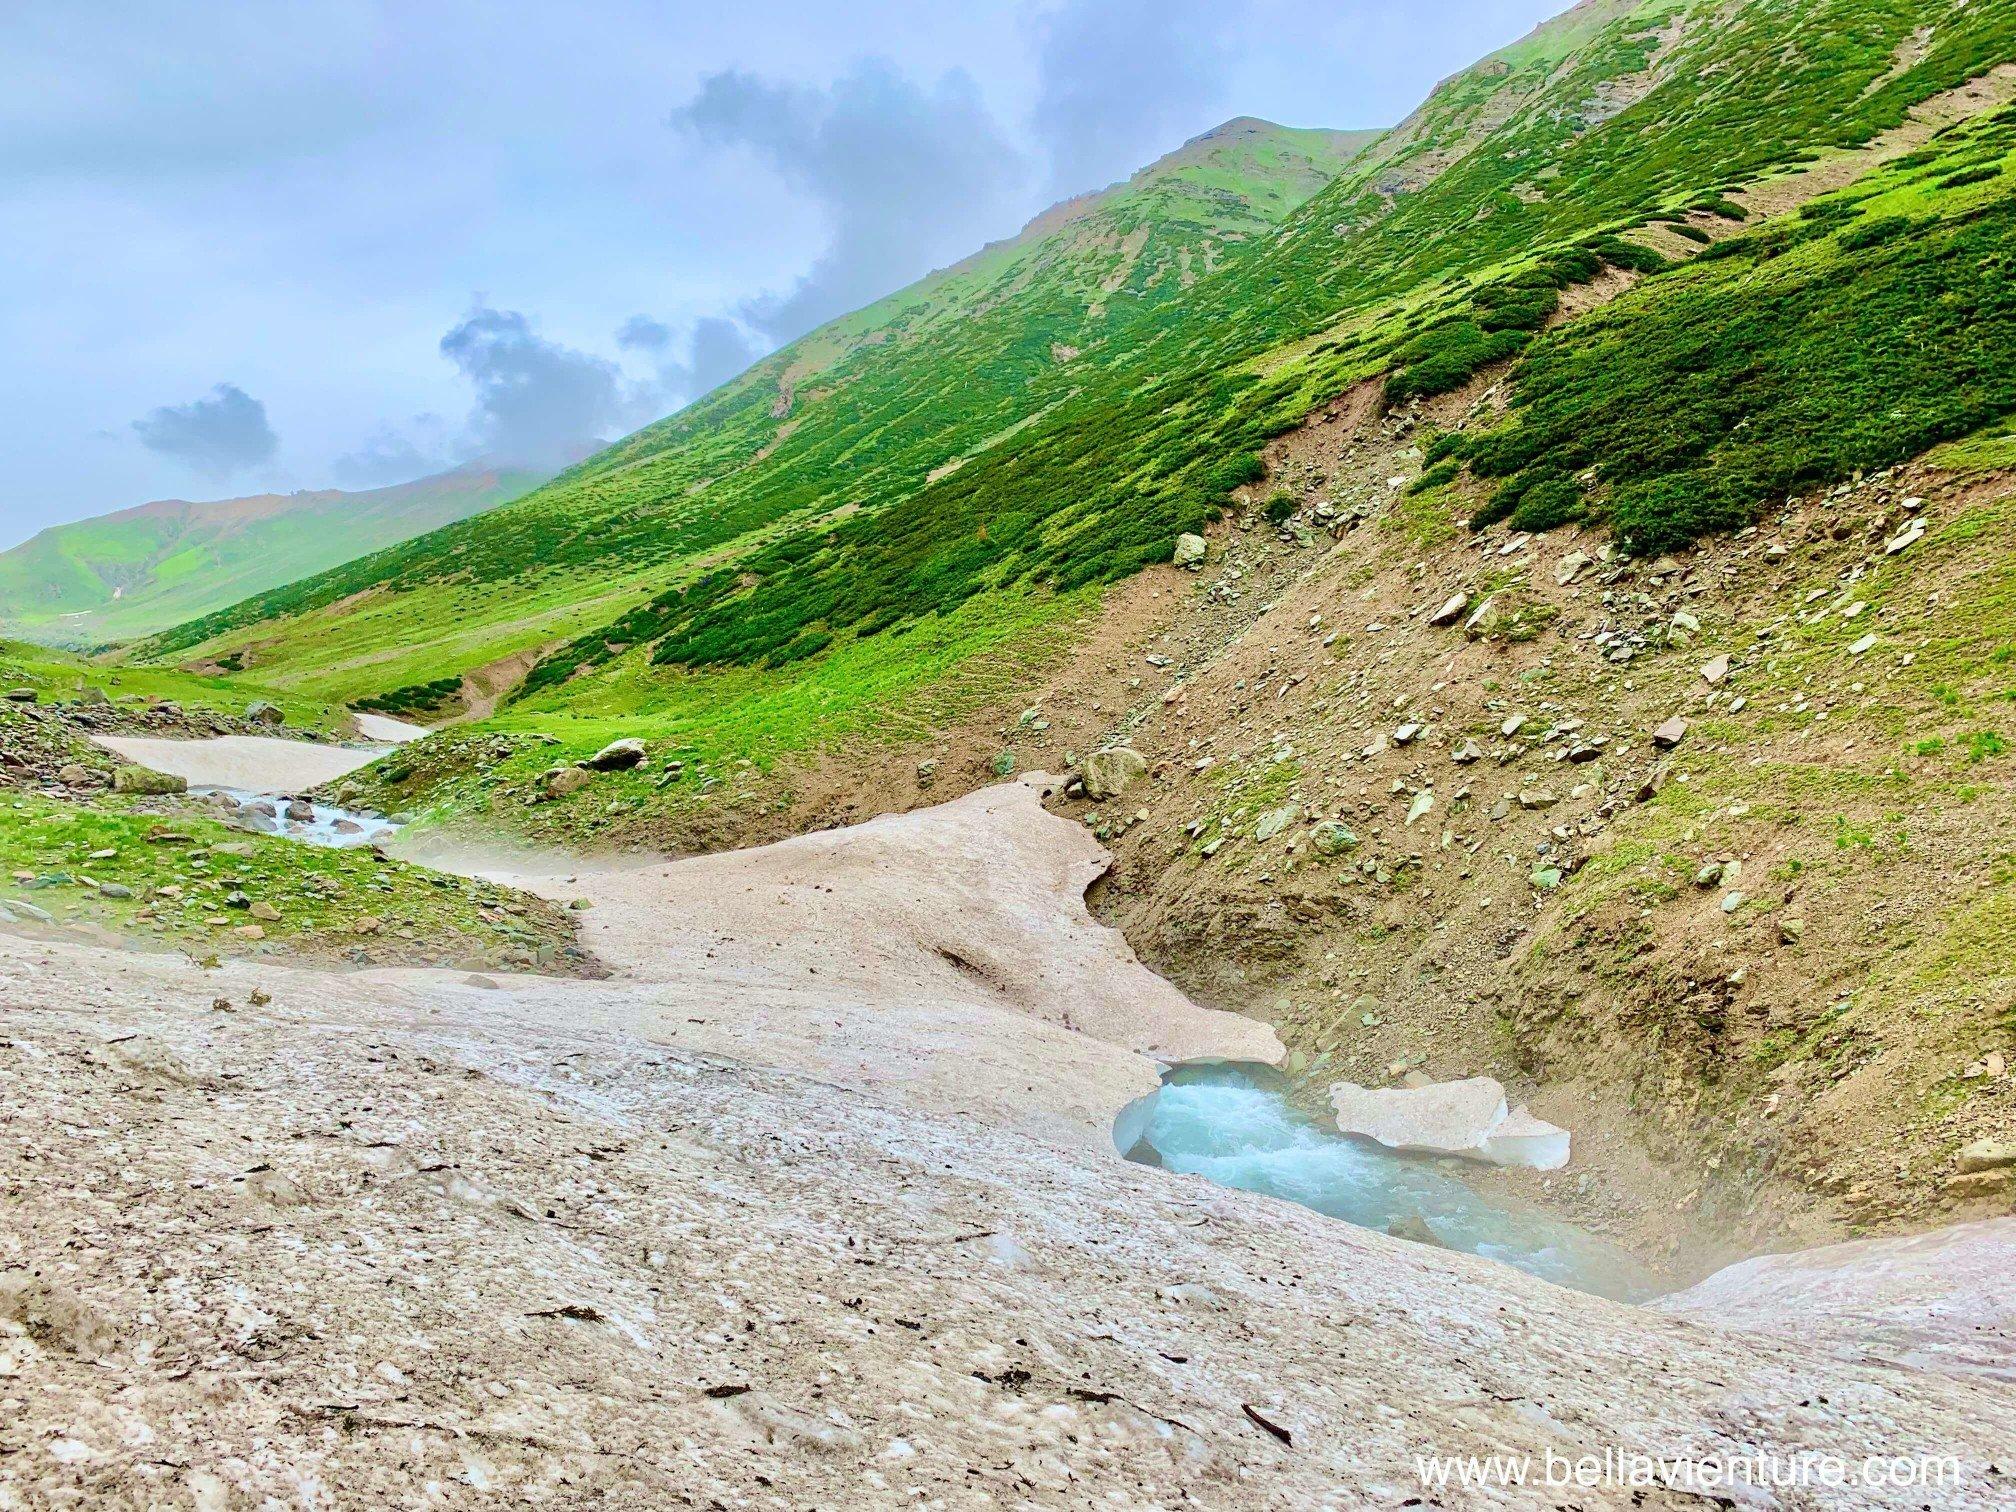 印度 India  喀什米爾 Kashmir  北北印 North India 八天七夜健行 融冰 冰河